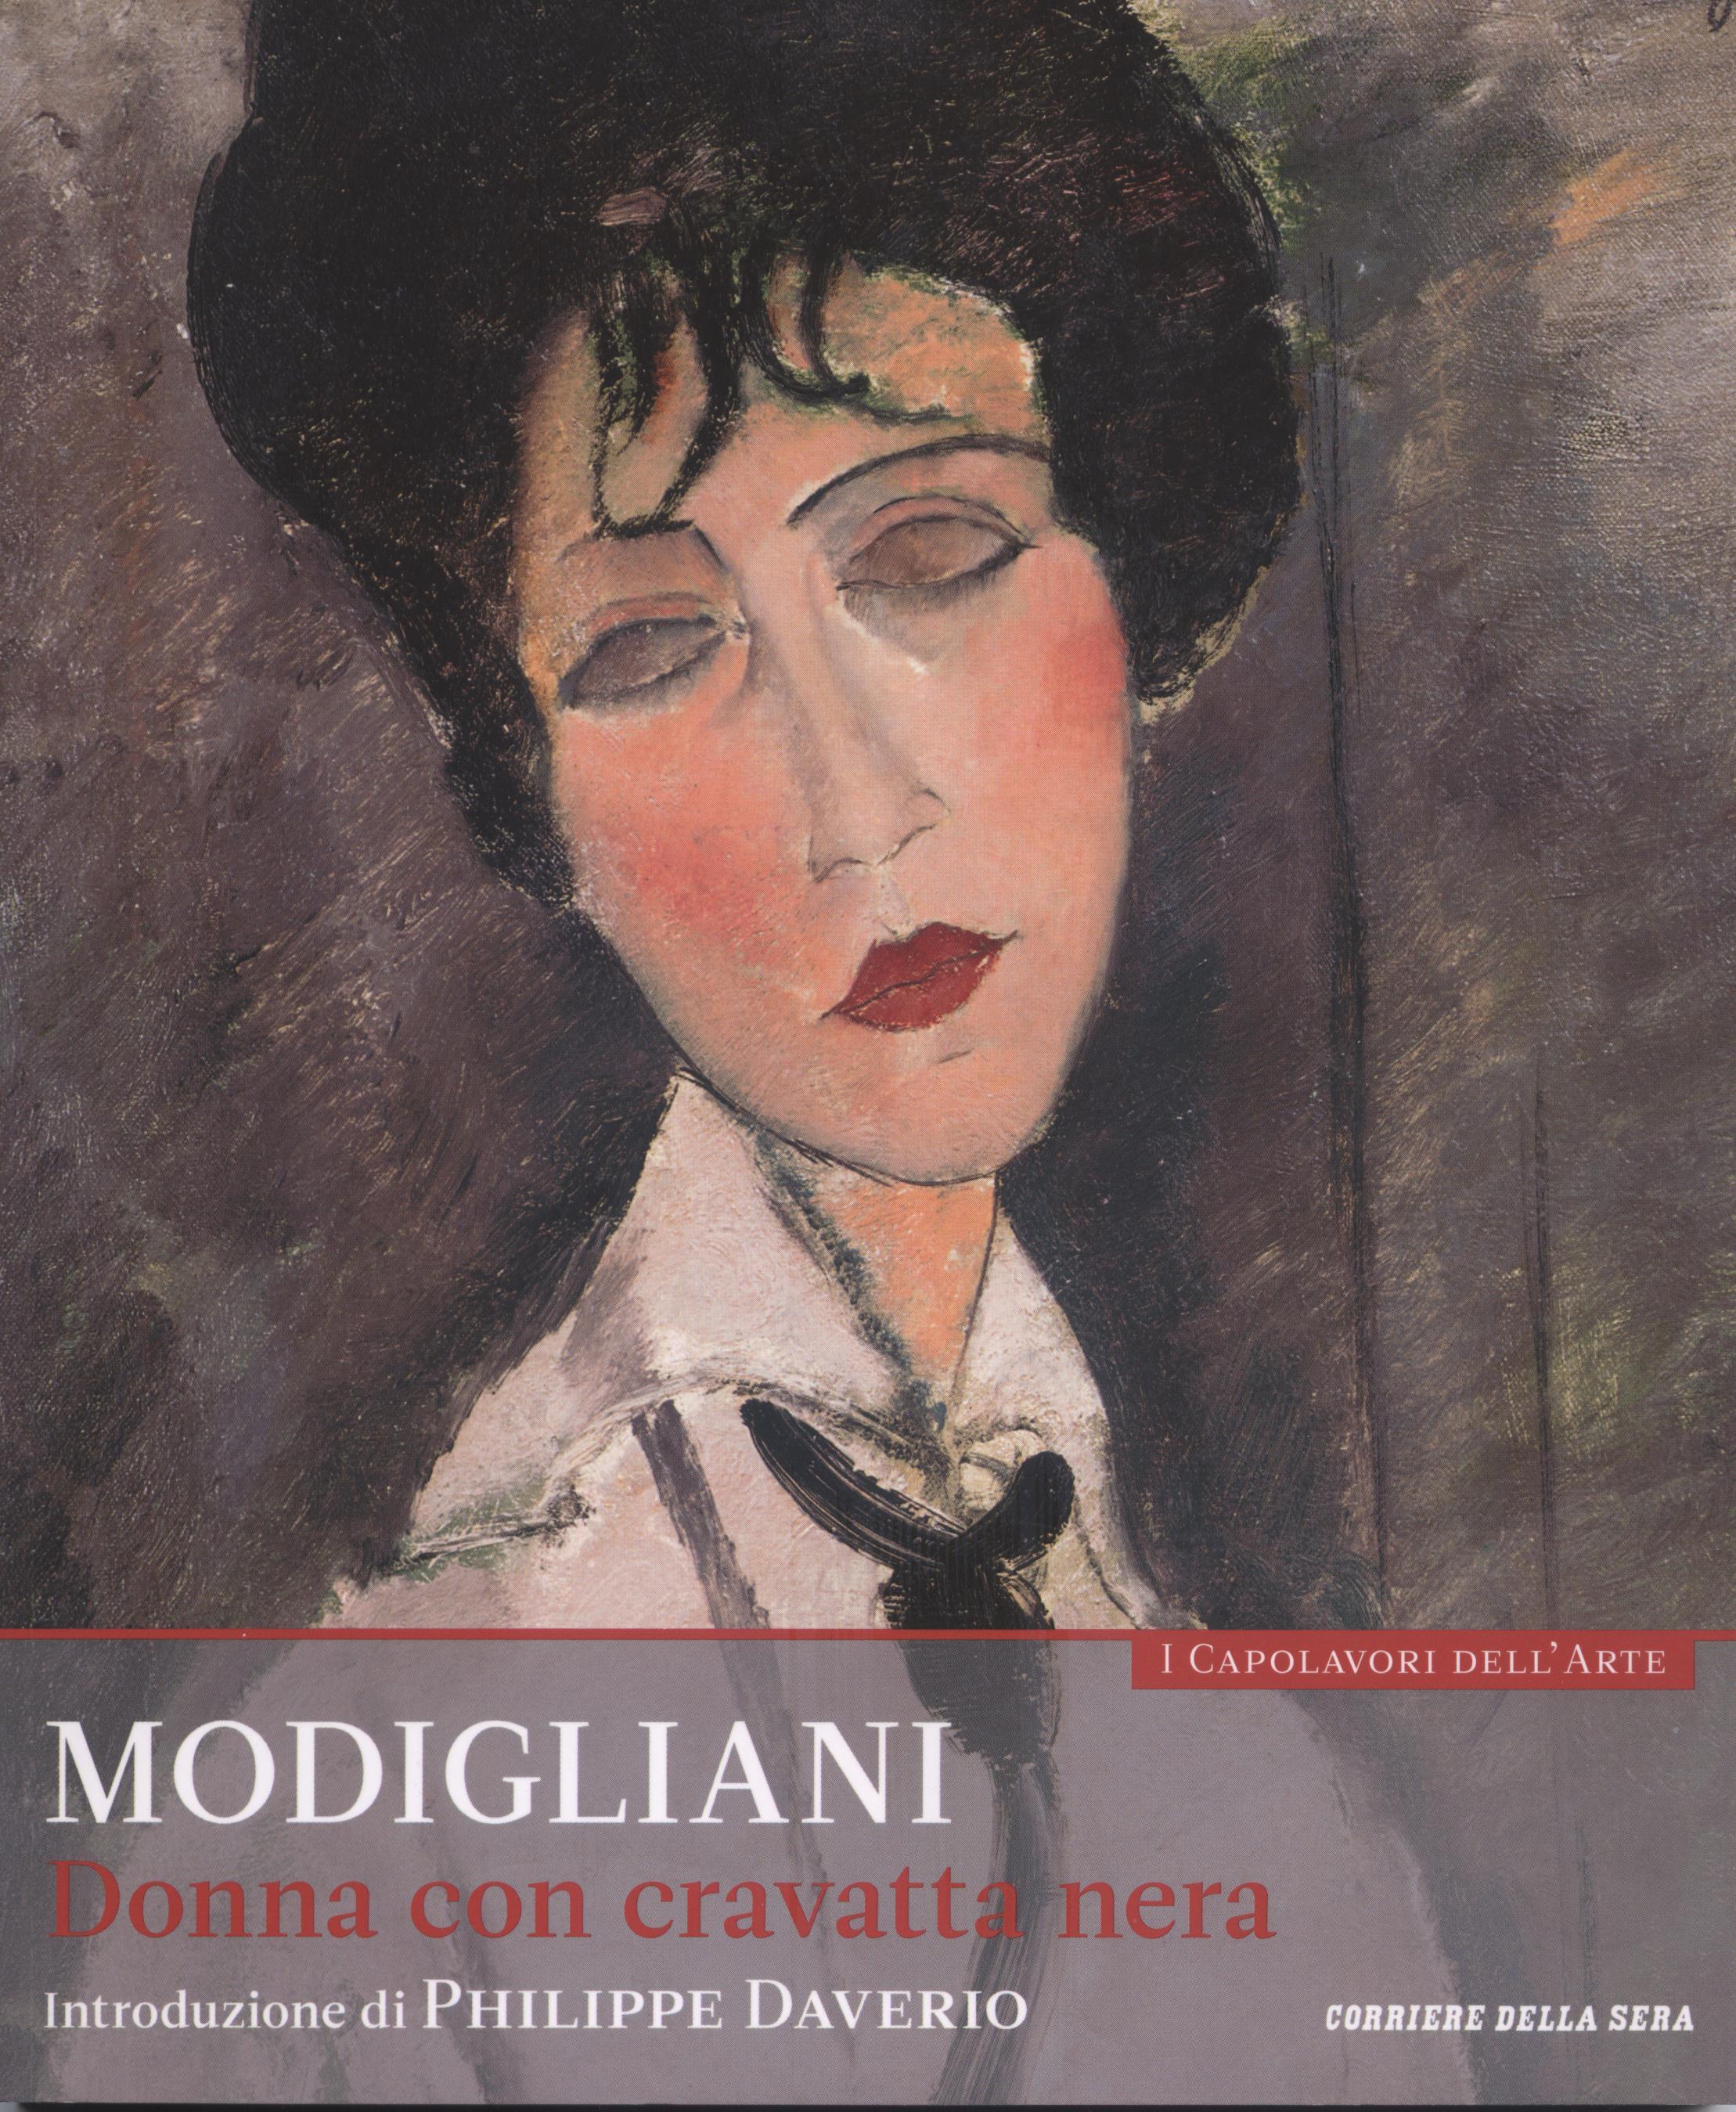 Modigliani - Donna con cravatta nera